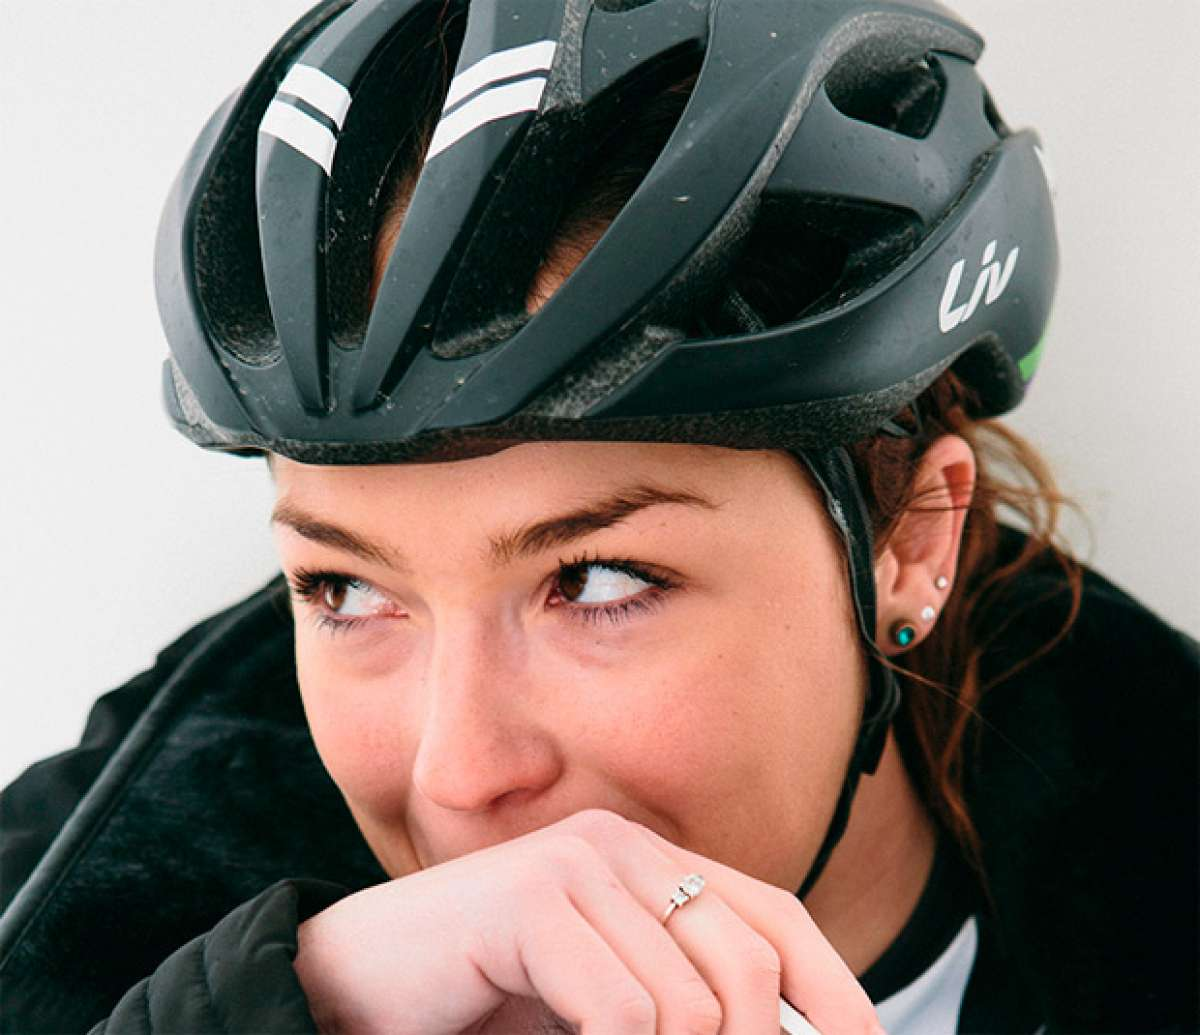 Nueva gama de cascos de alto rendimiento de Liv